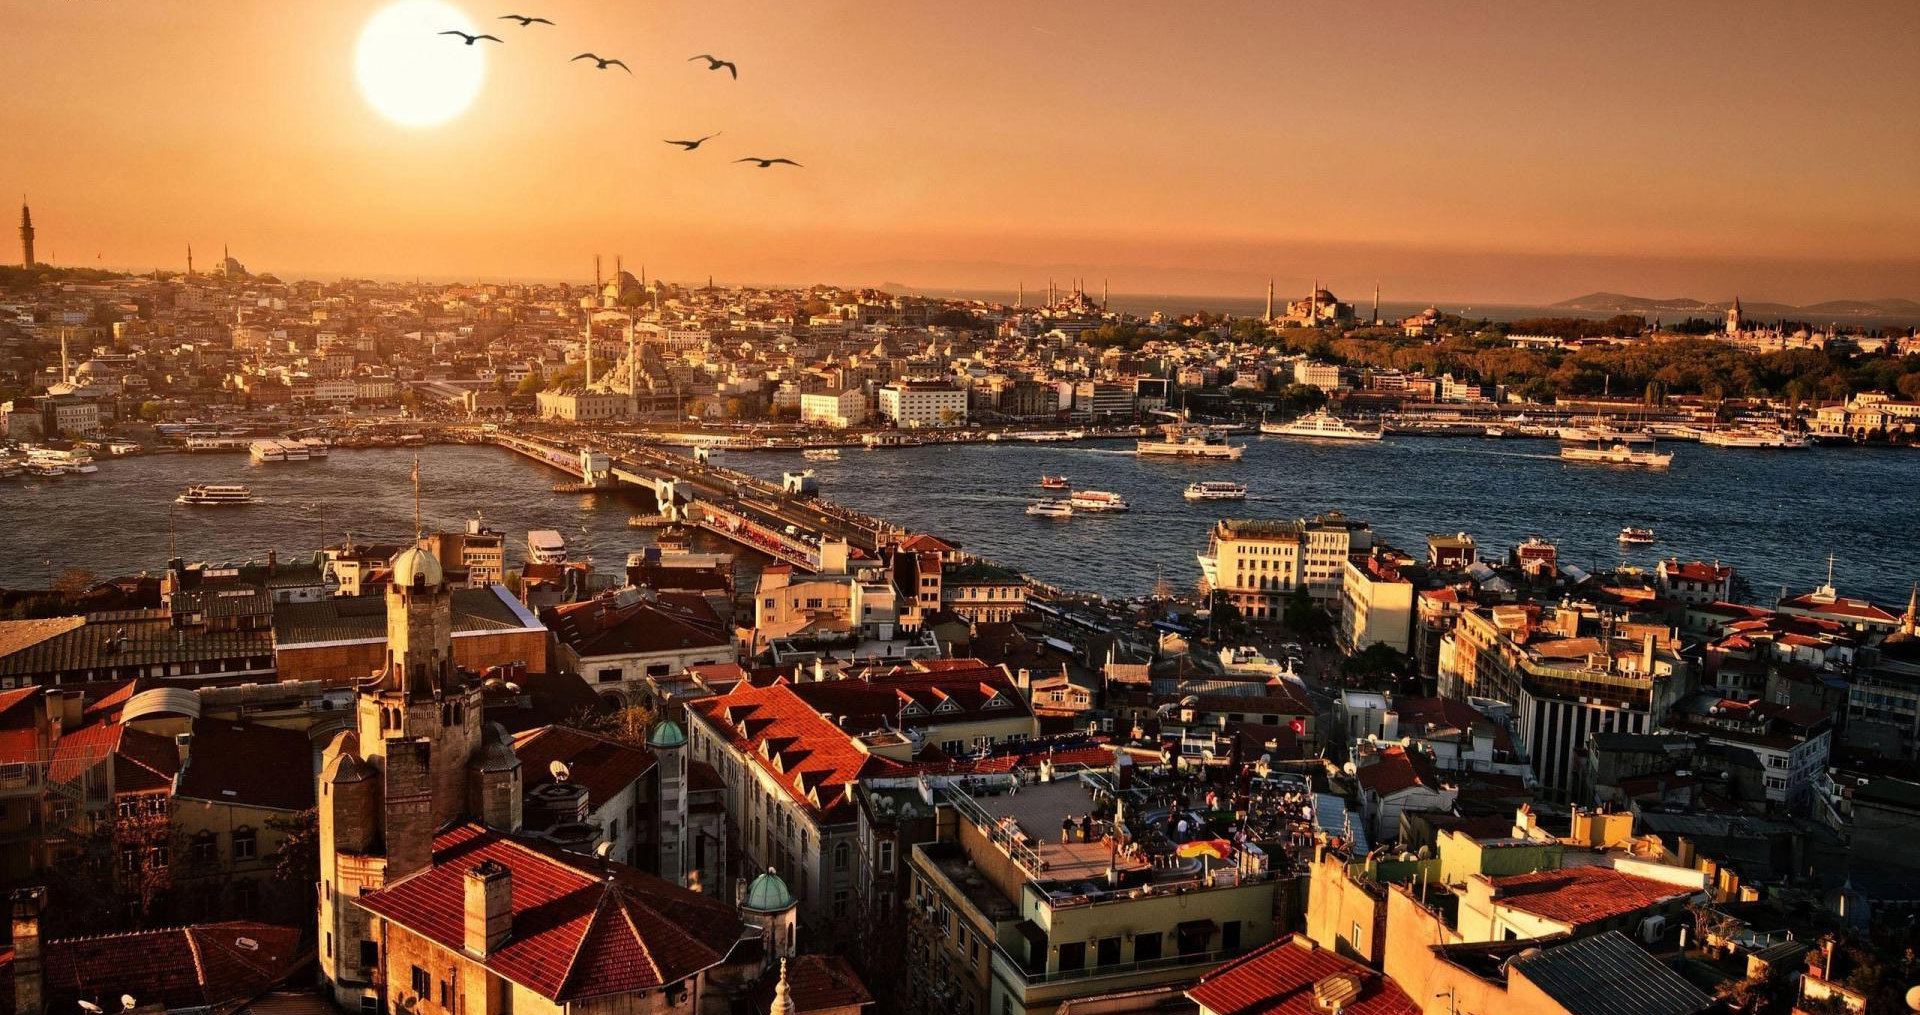 ما هي مساحة دولة تركيا المرسال